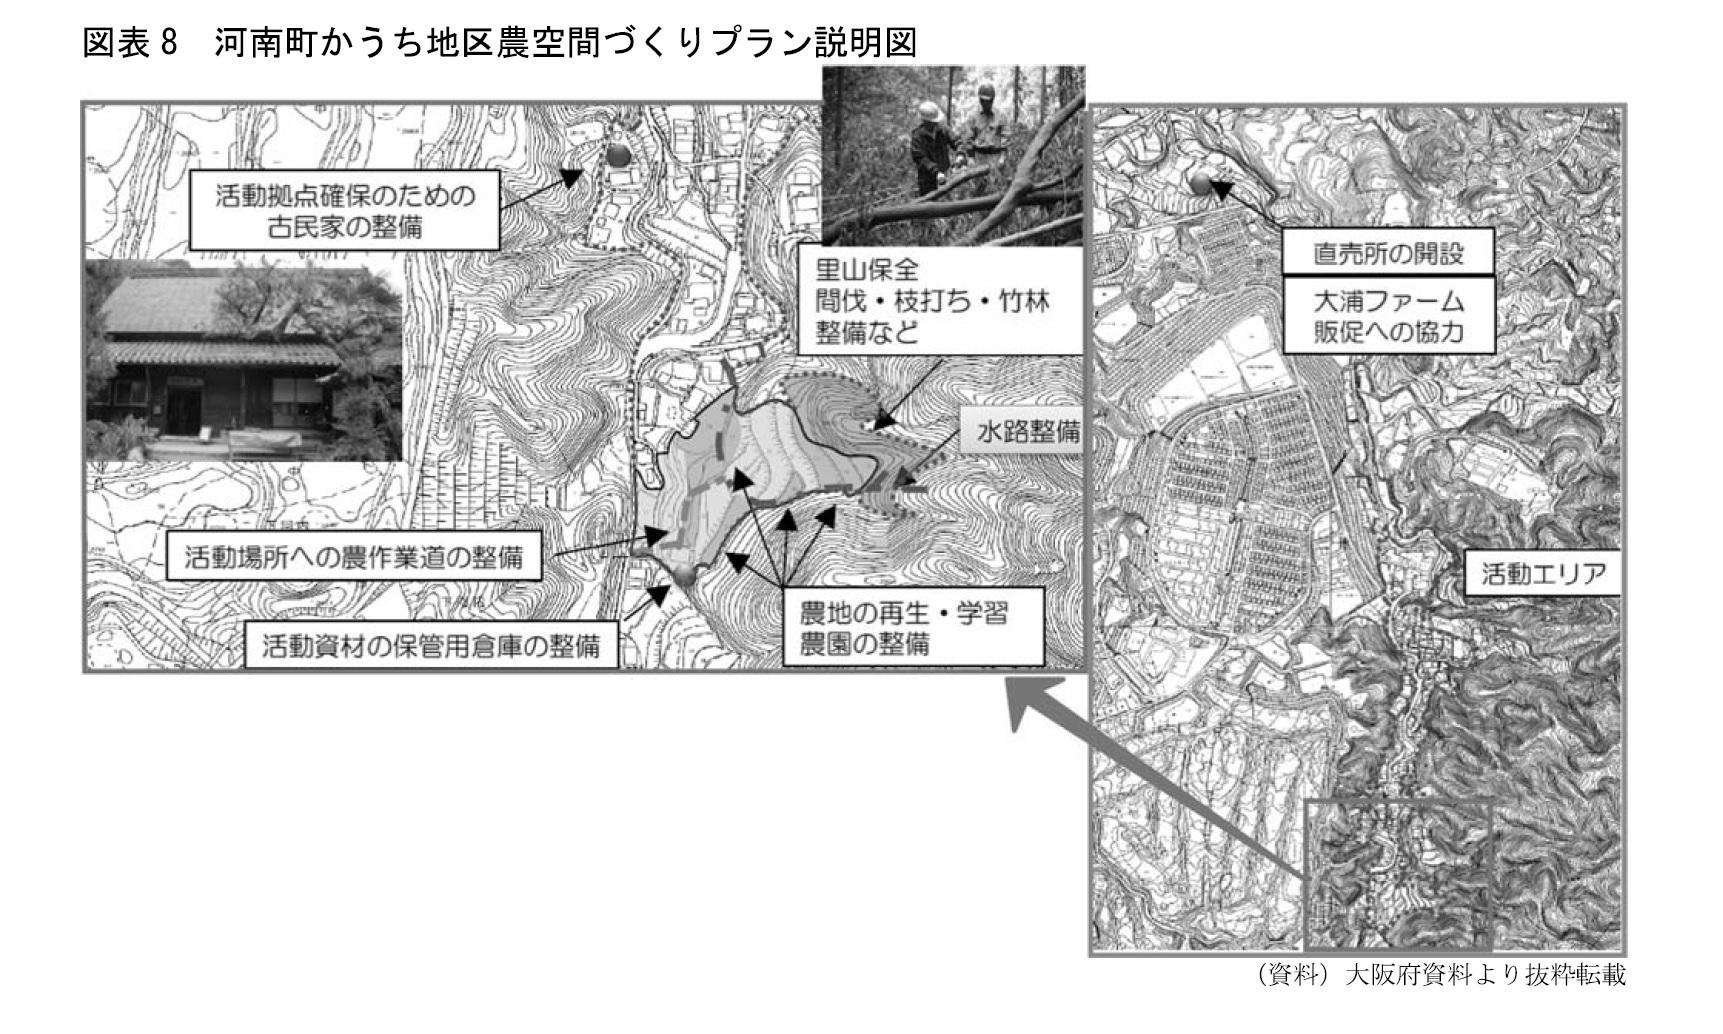 図表8 河南町かうち地区農空間づくりプラン説明図